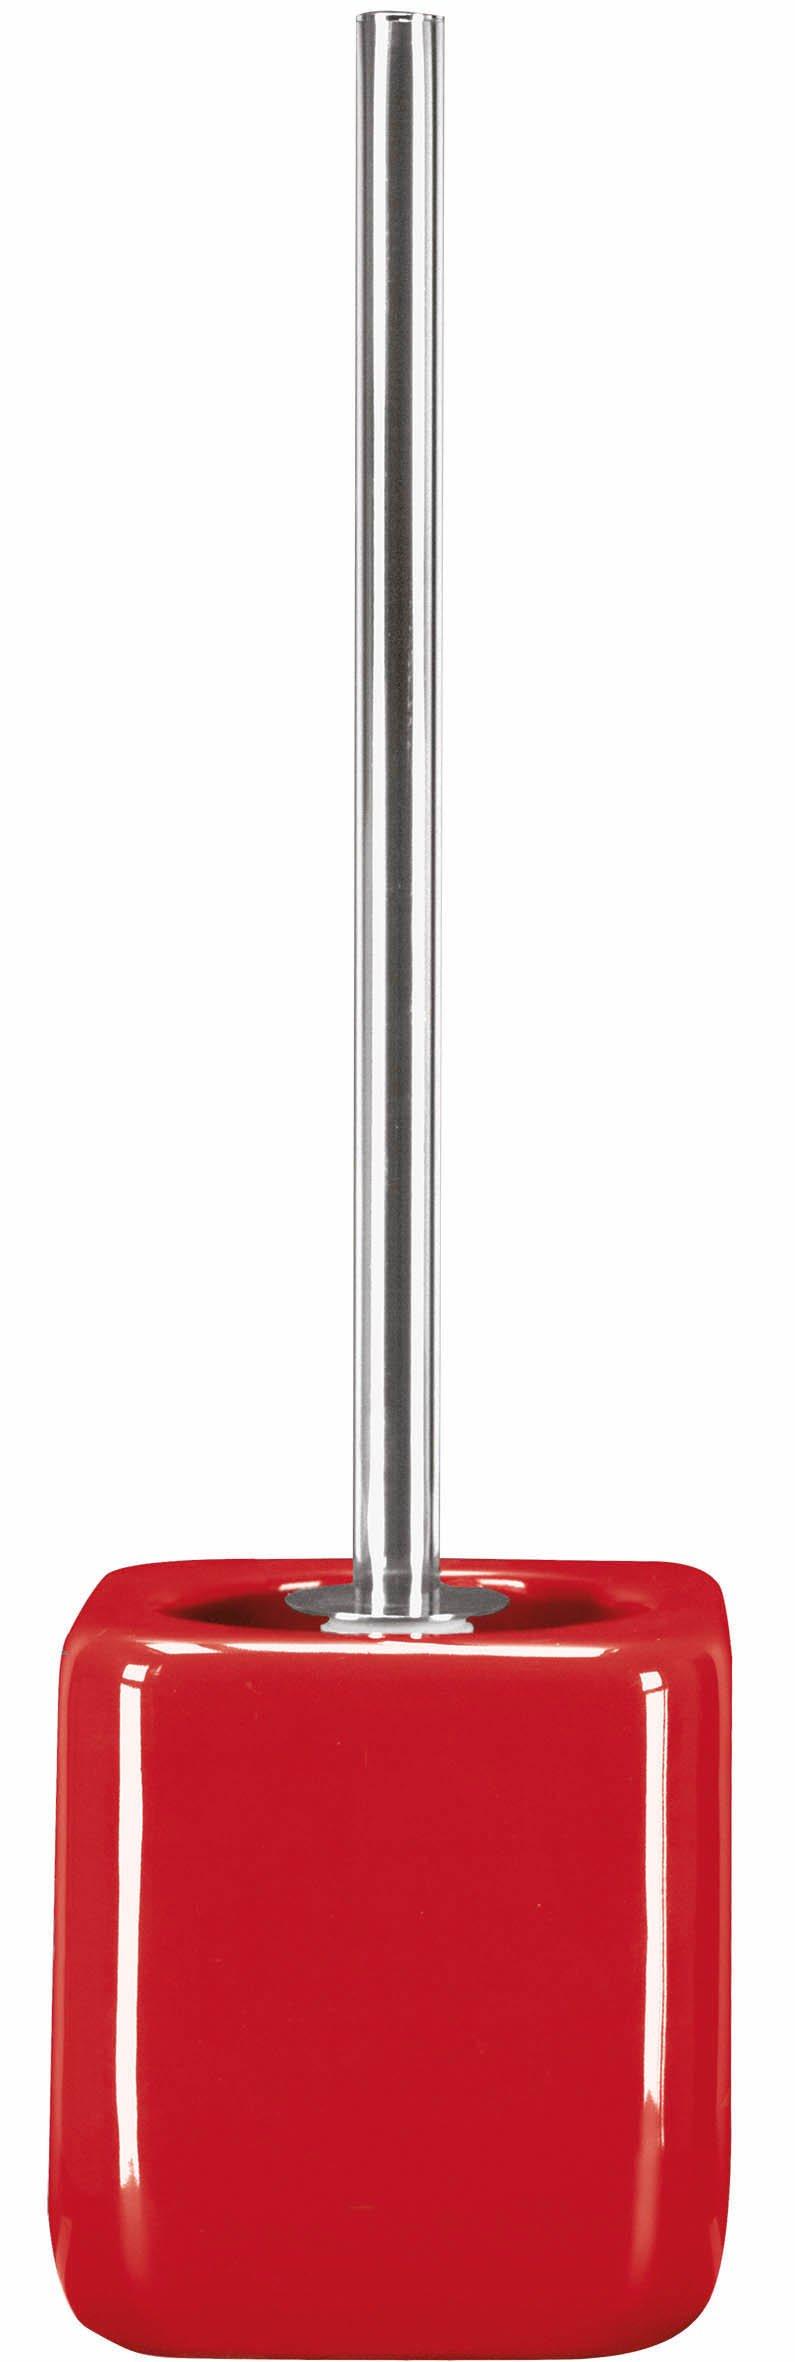 WC-Bürstenhalter Edit Rot B:11,5cm